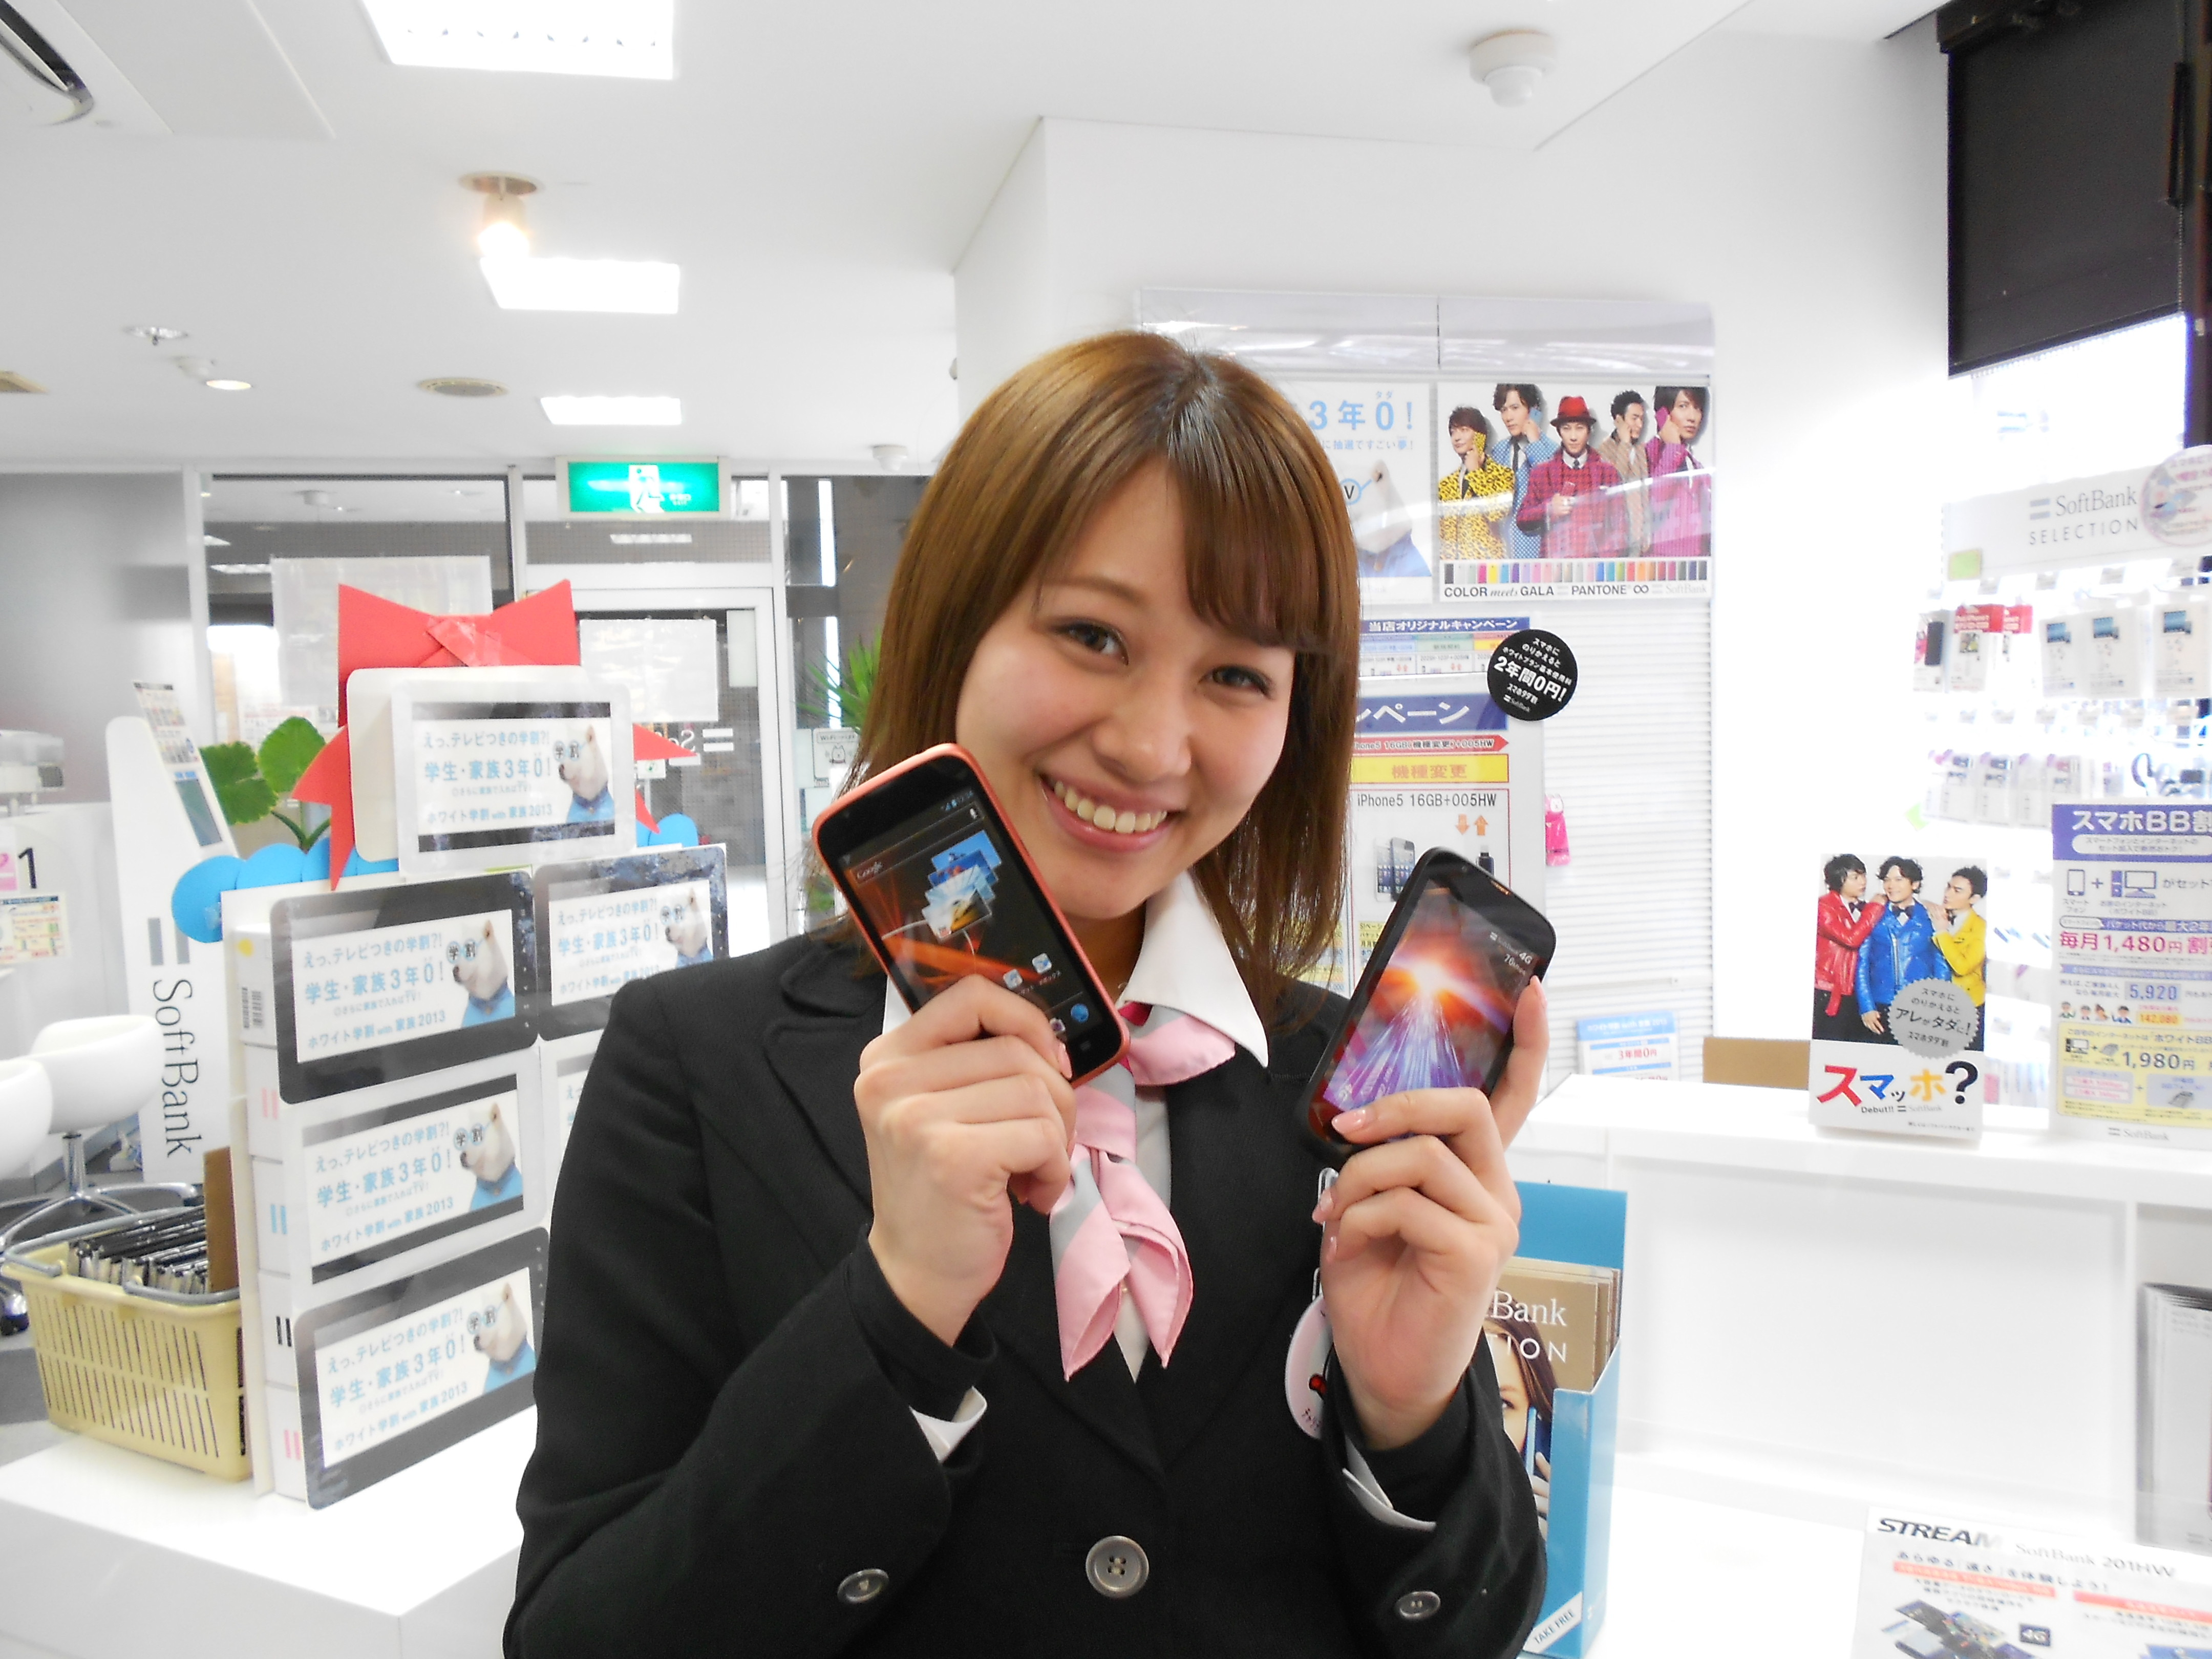 ソフトバンク 新所沢(株式会社シエロ)のアルバイト情報